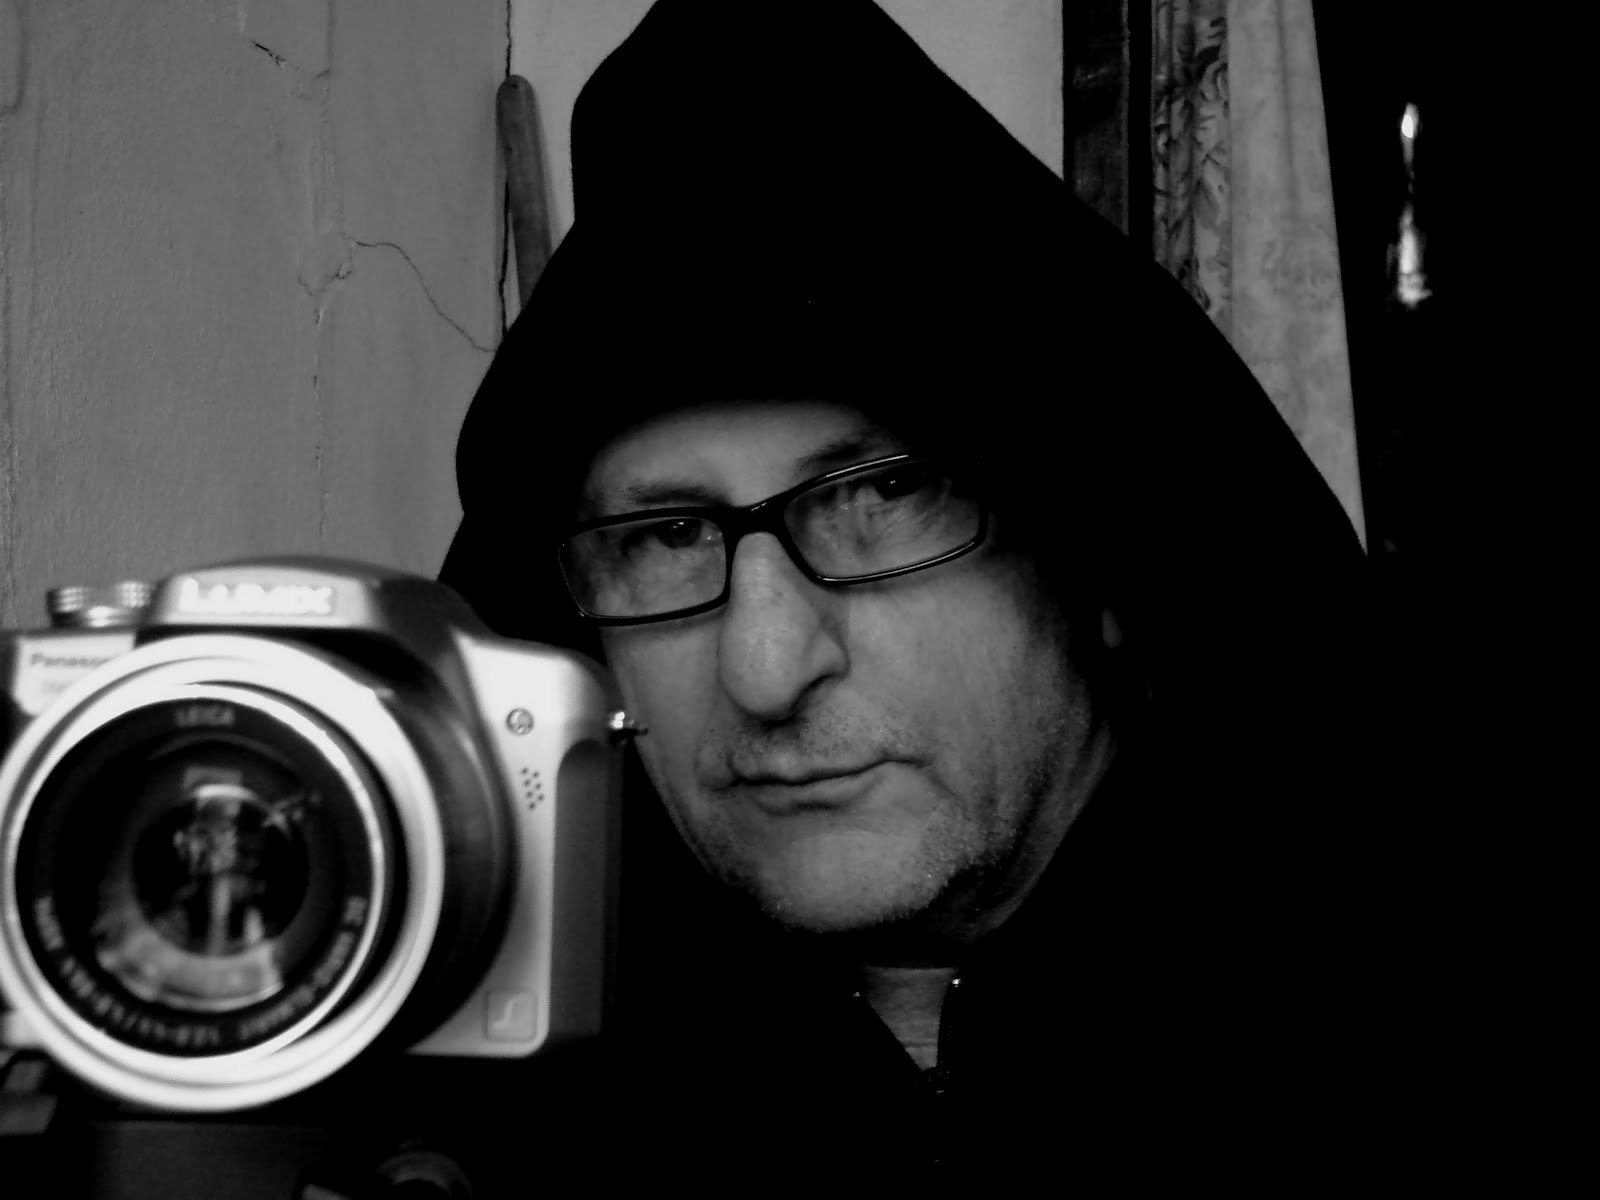 Fotogramas de agua. Entrevista con Raul Perrone, de Enzo Cillo